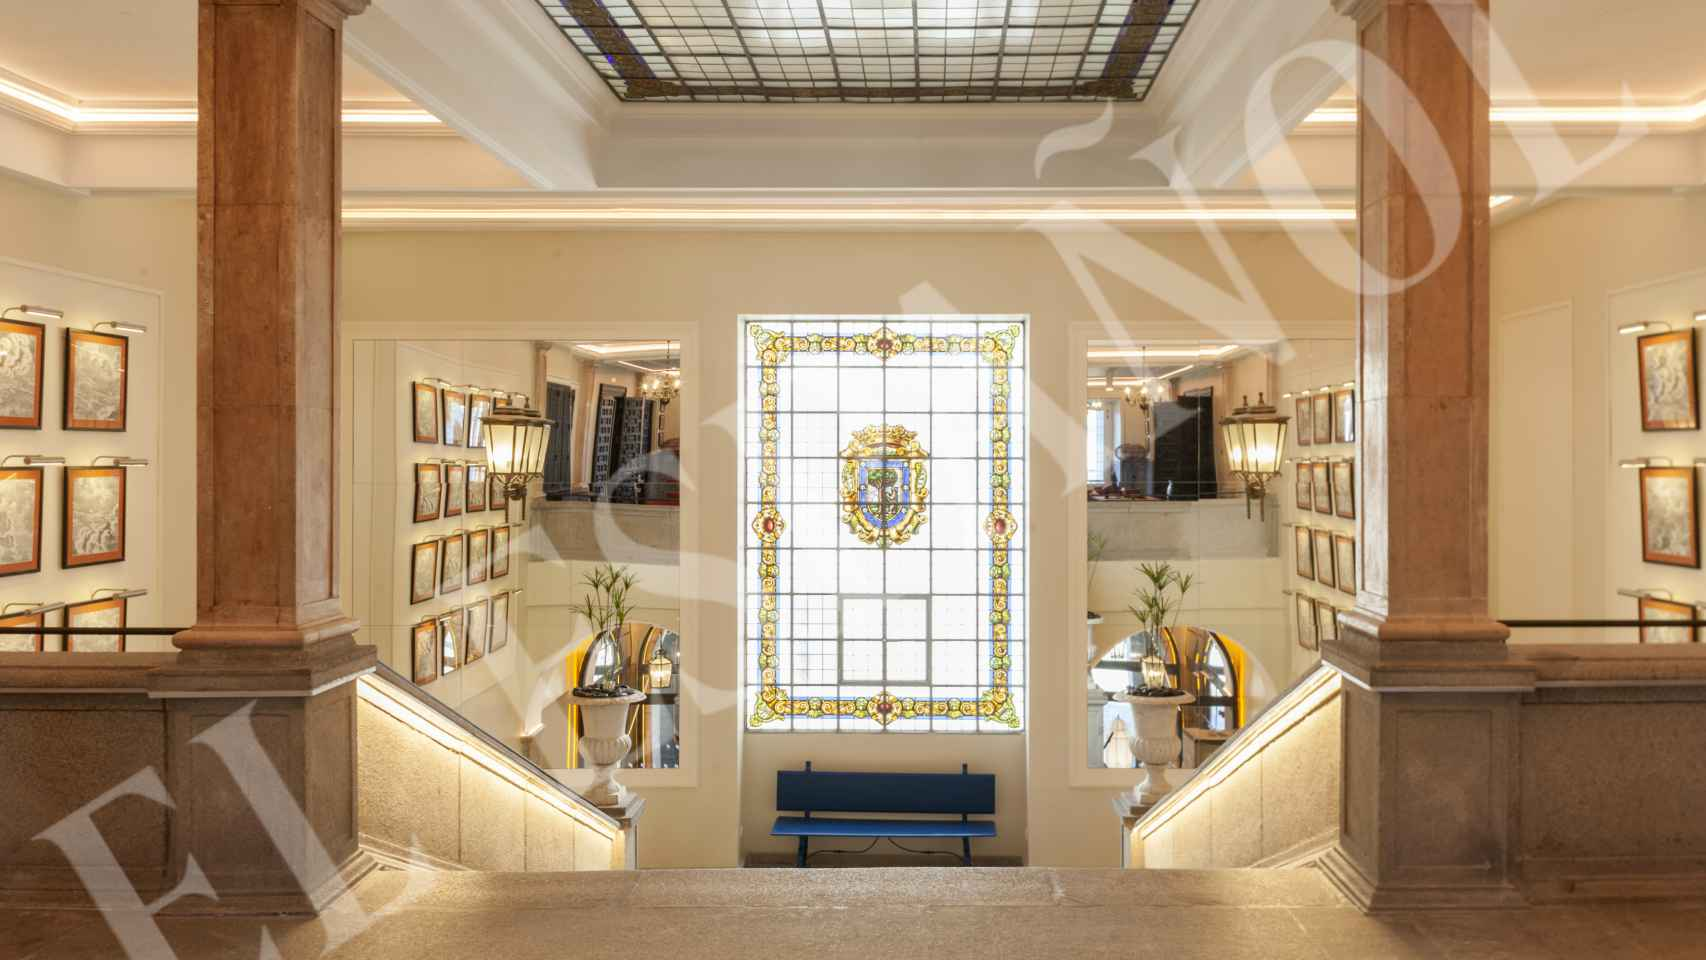 El nuevo hotel de lujo de Cristiano Ronaldo en Madrid, en imágenes